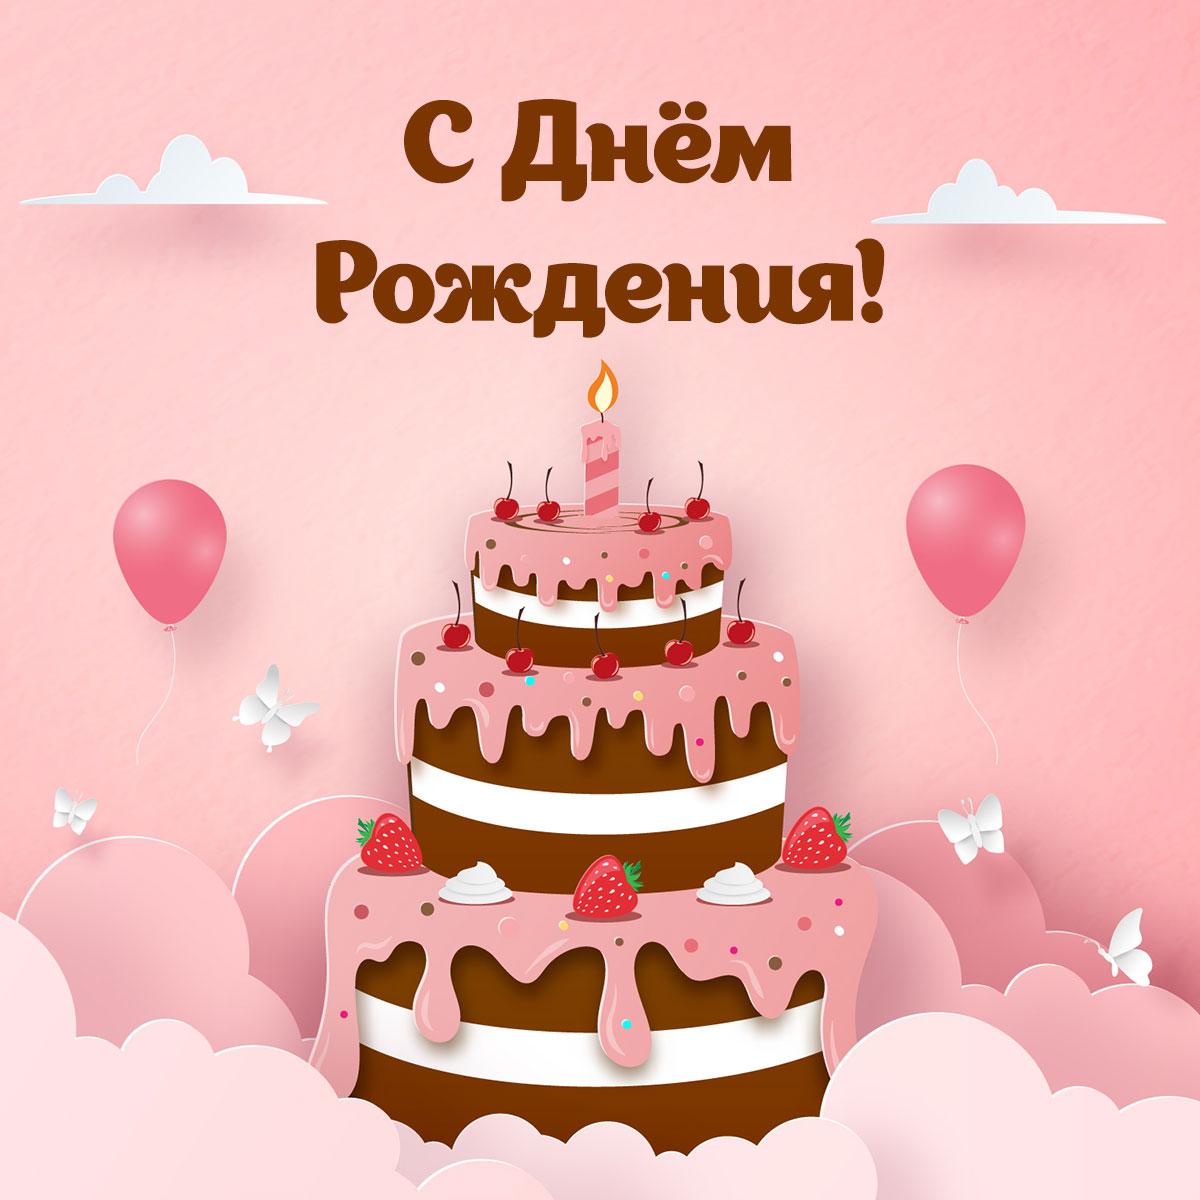 Розовая картинка с тортом в сахарной помадке и текстом с днём рождения!